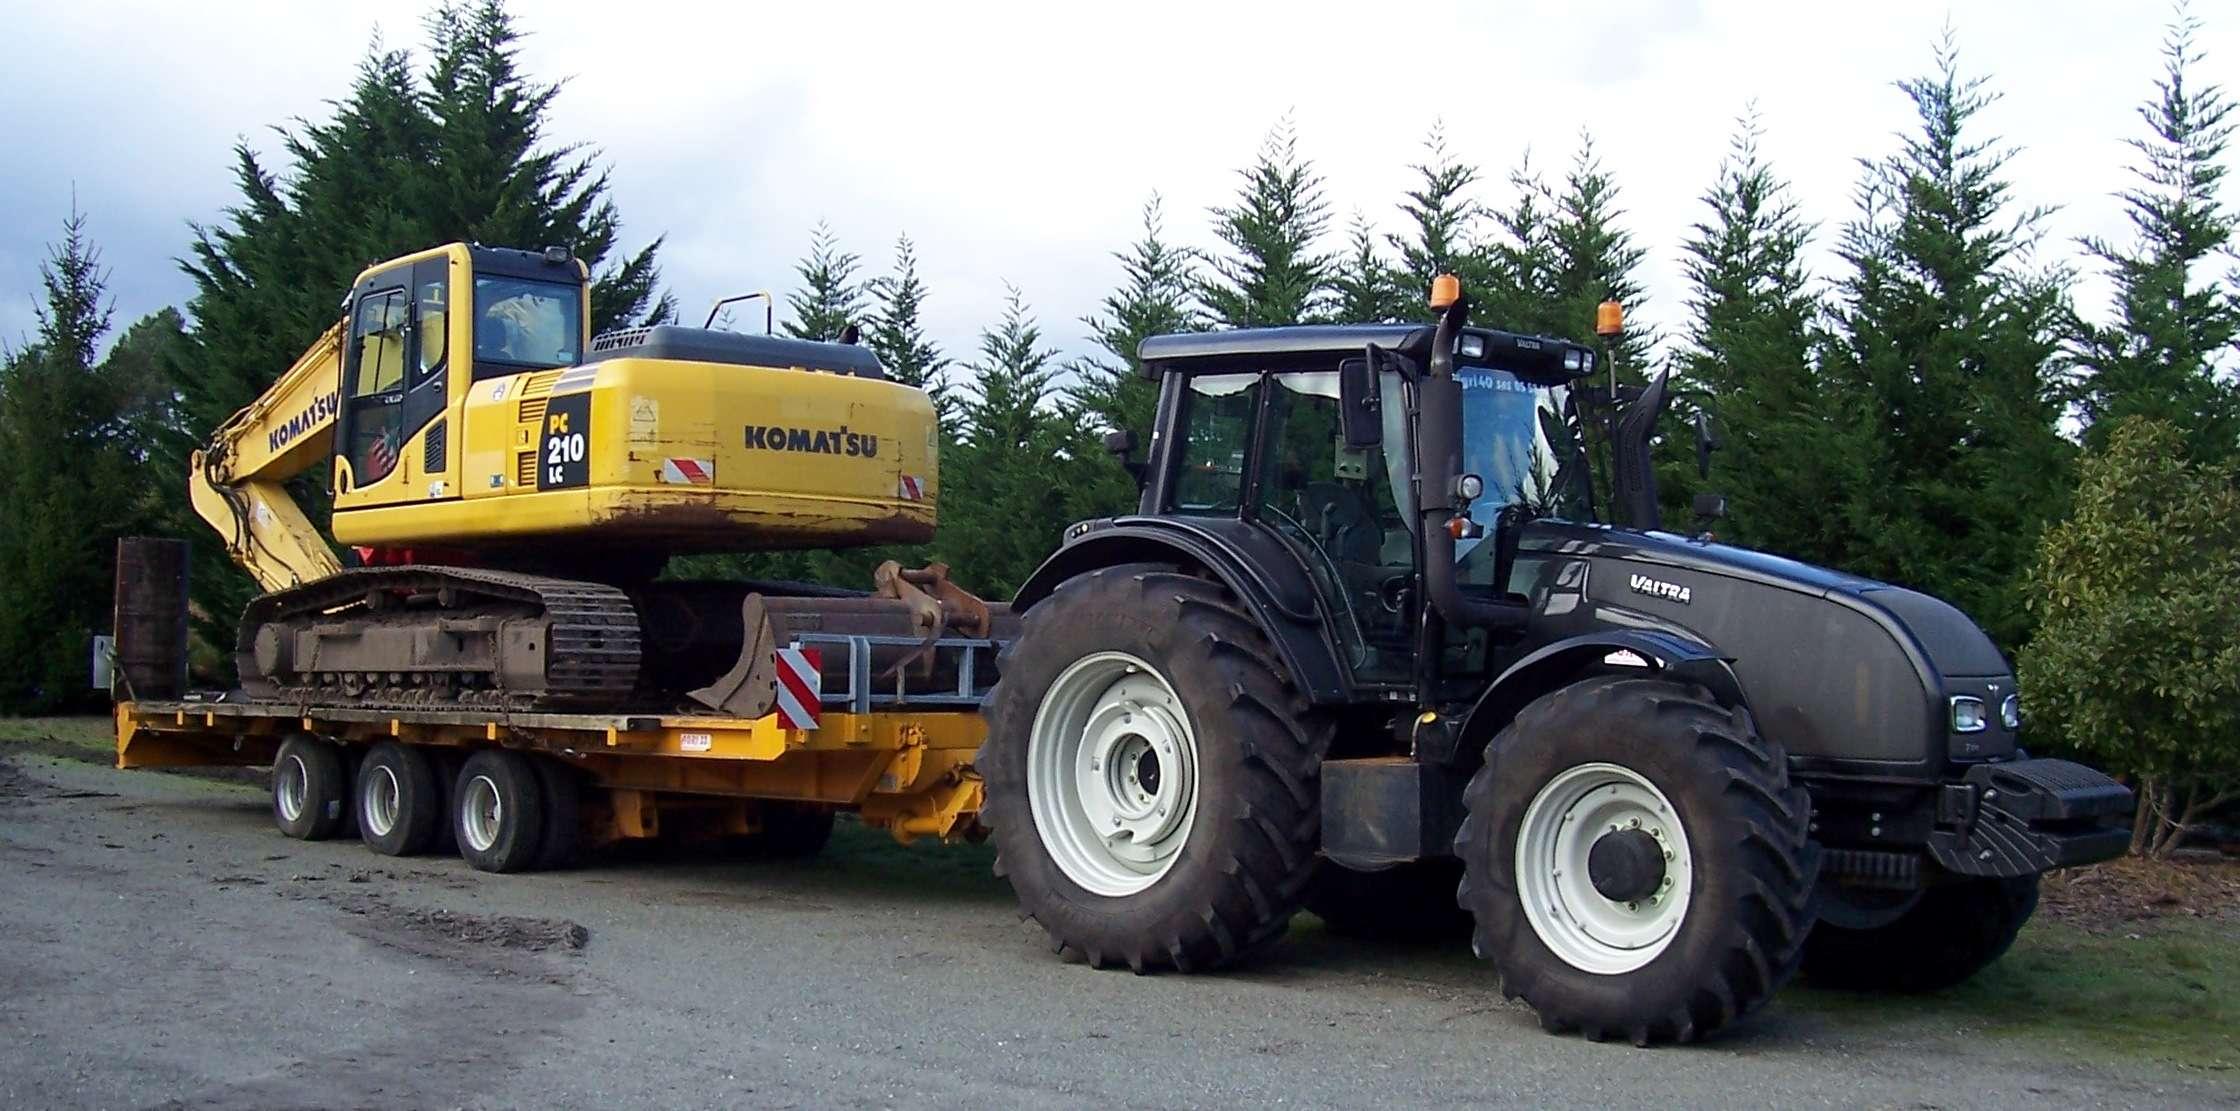 Technique tp porte engins agricoles - Remorque porte engin agricole occasion ...